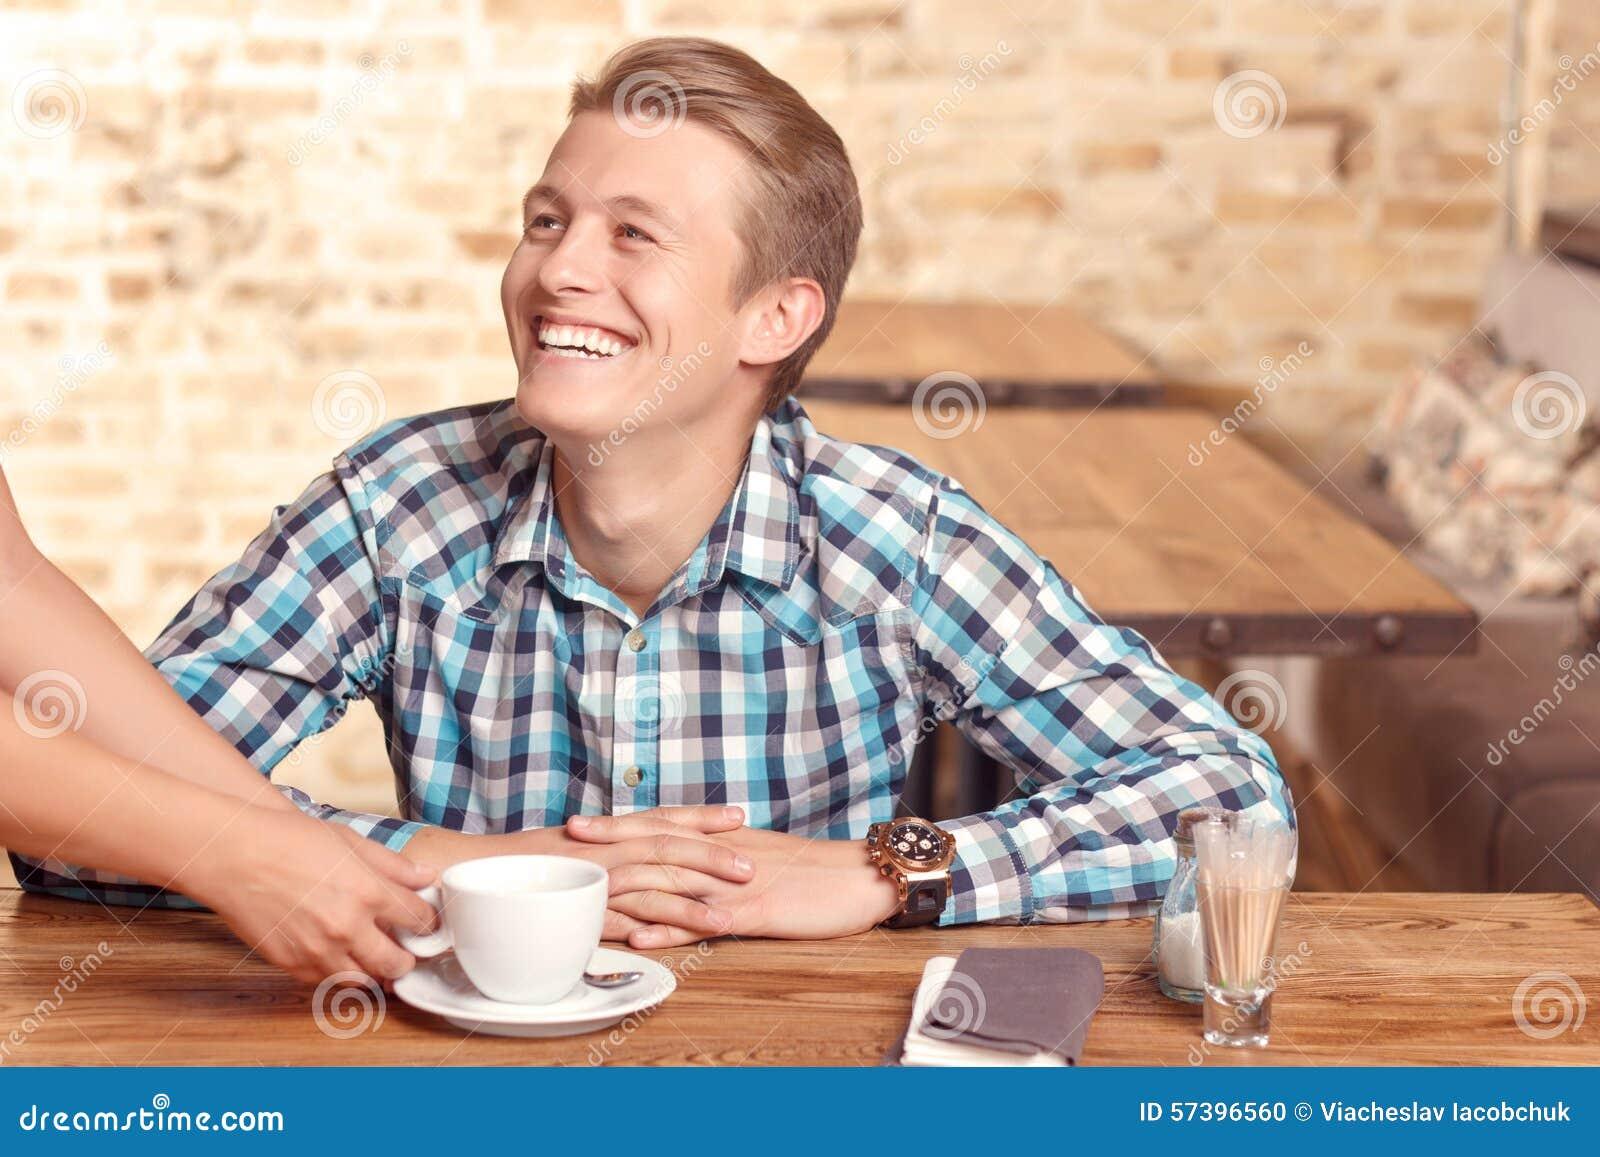 De mens wordt gediend in koffie